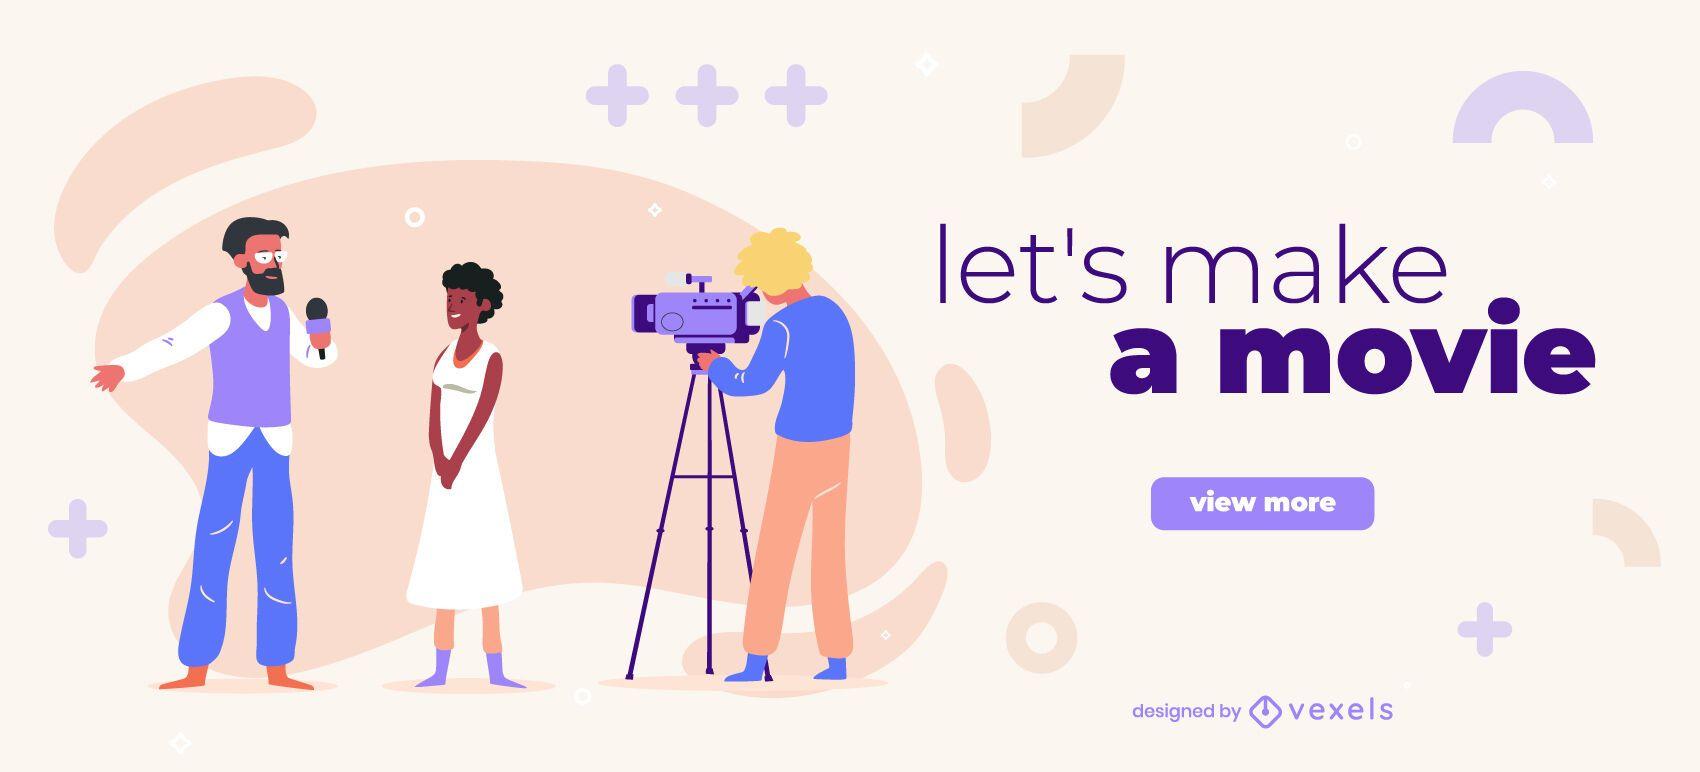 Make a movie slider design